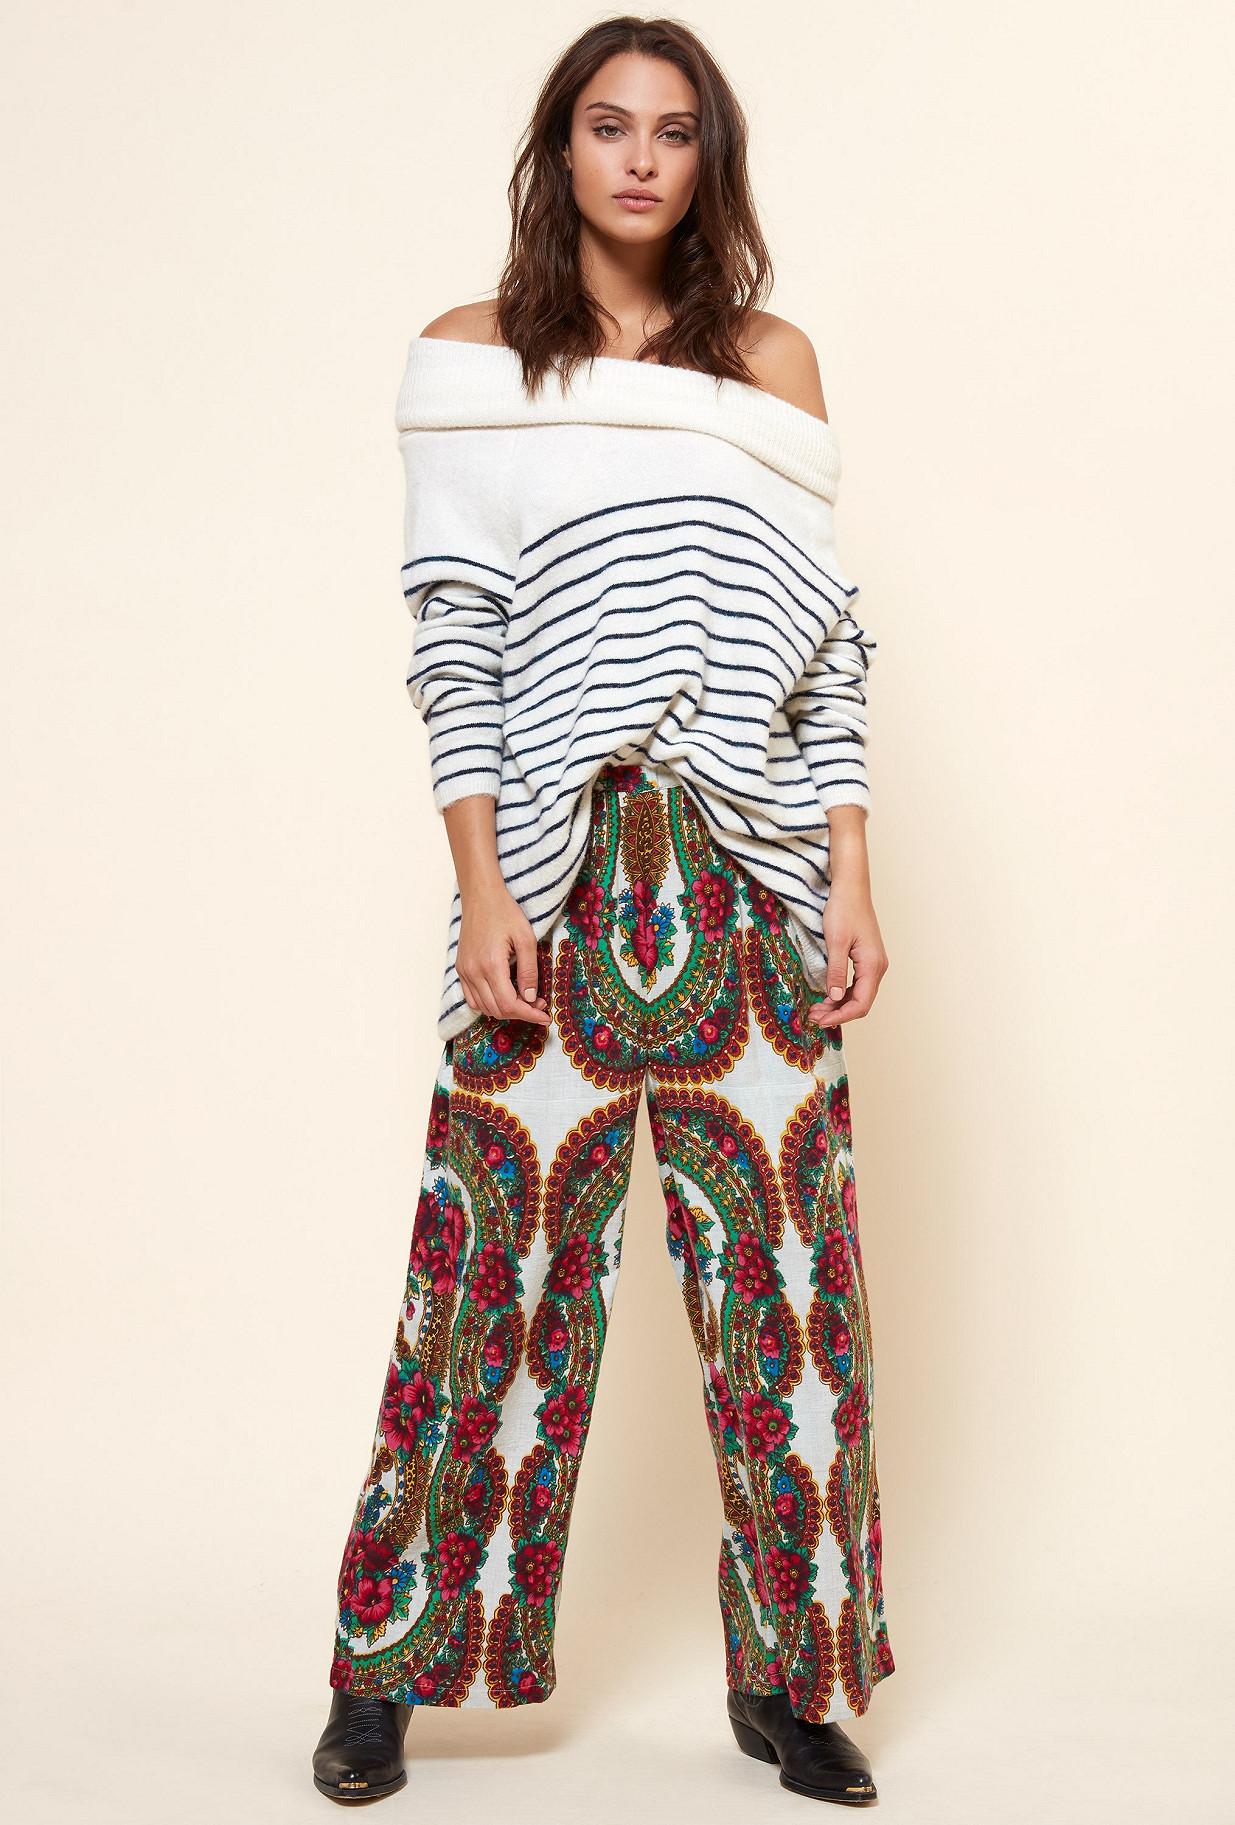 Paris clothes store Knit  Macarthur french designer fashion Paris